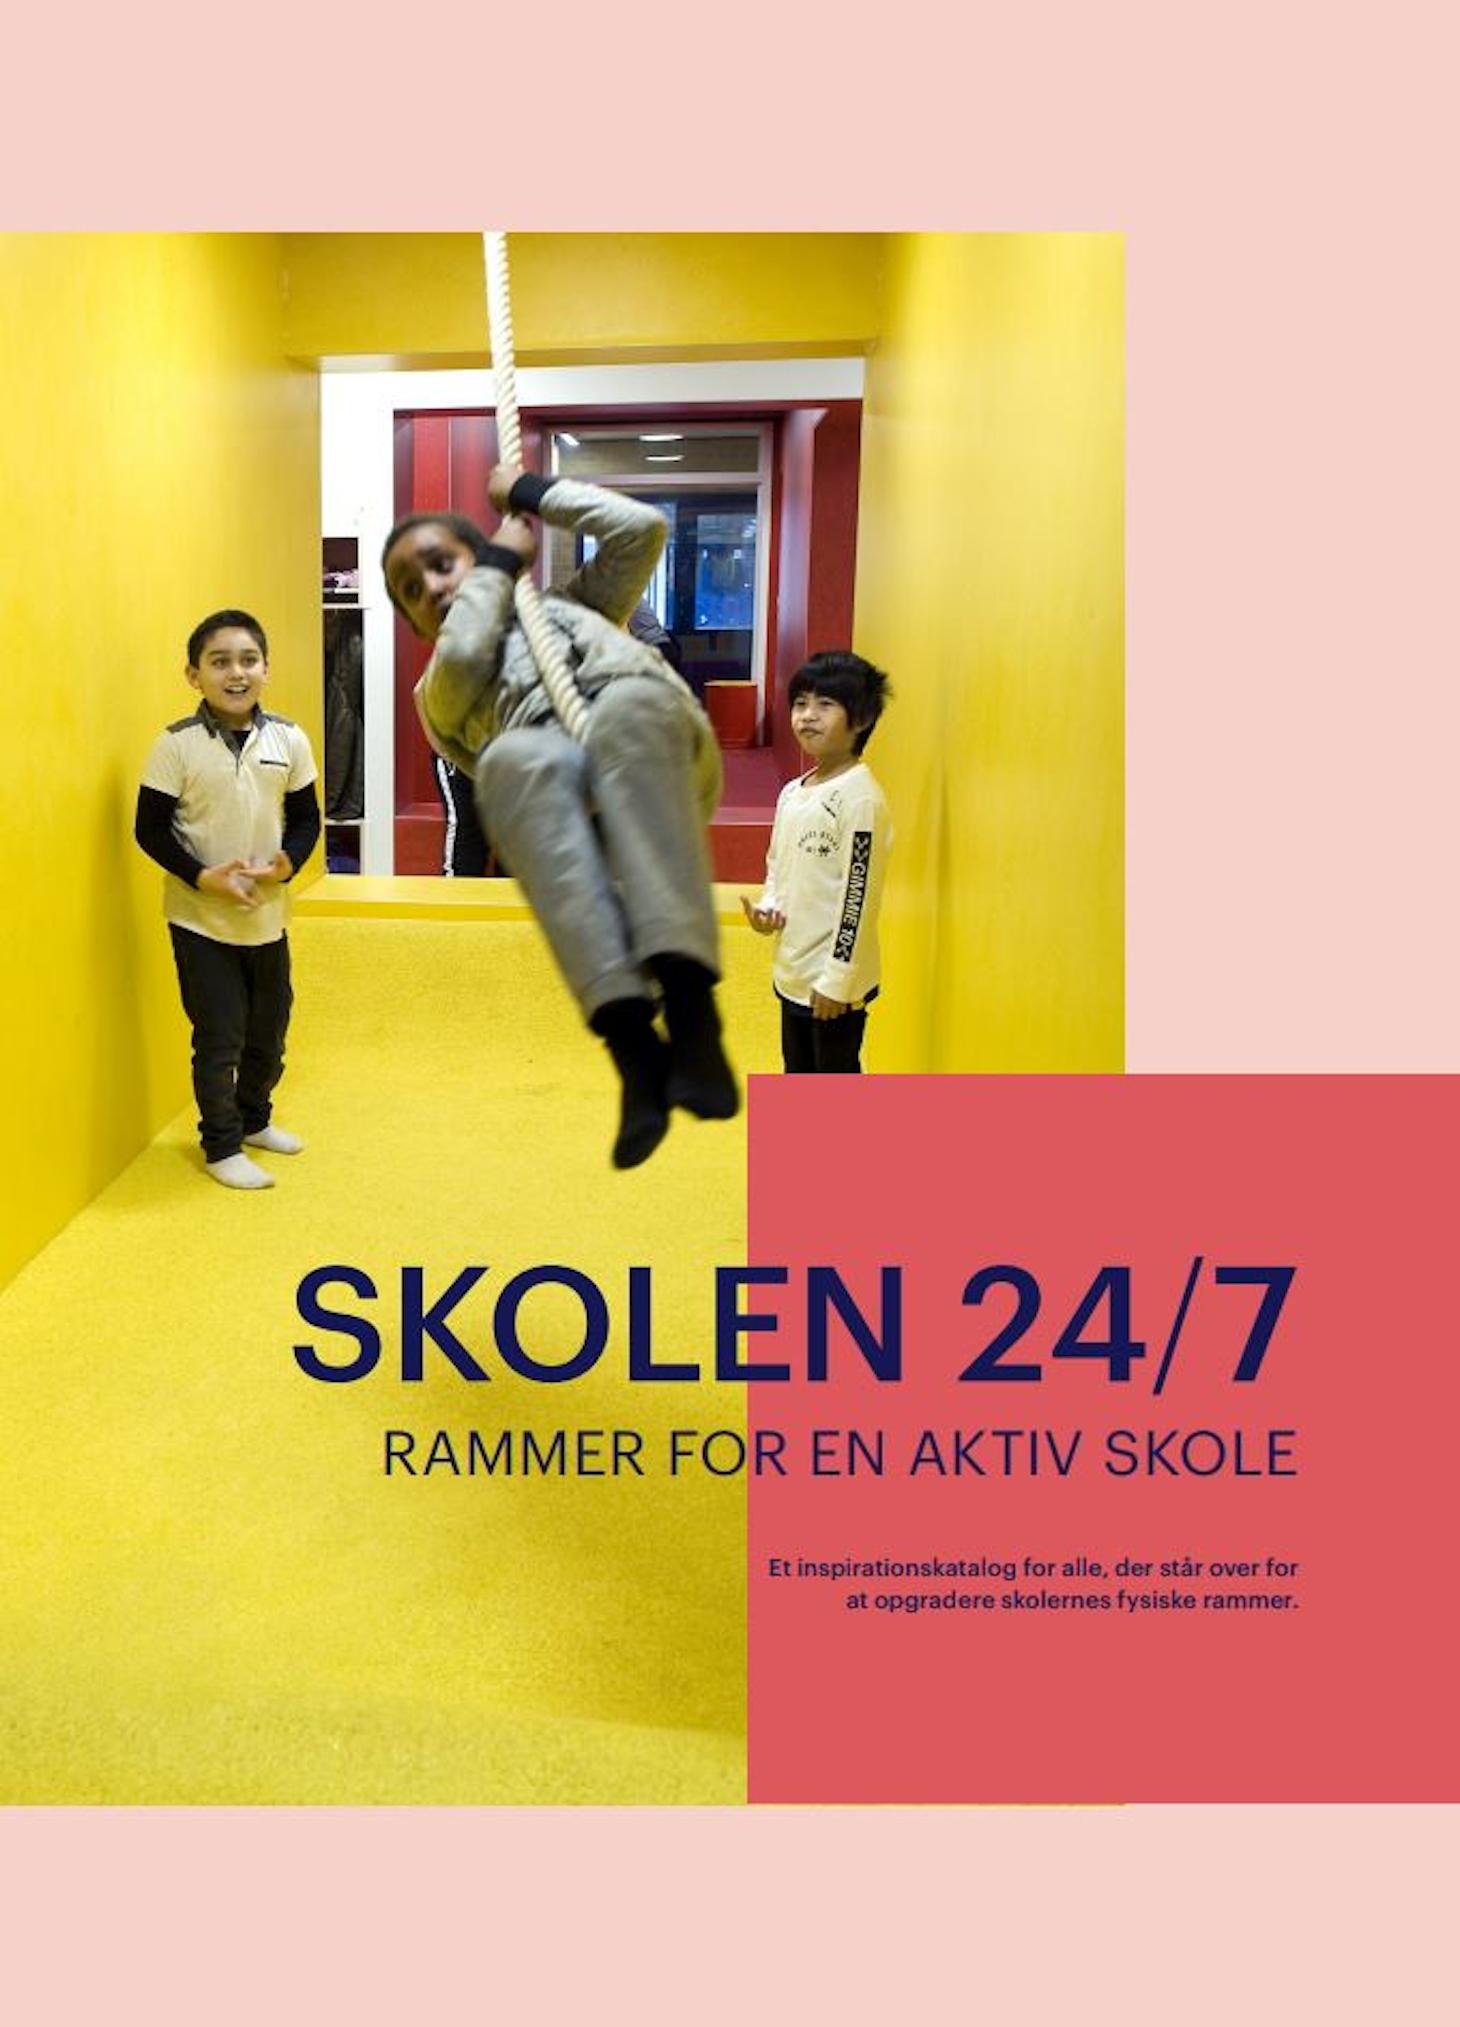 SKOLEN 24/7 - rammer for en aktiv skole